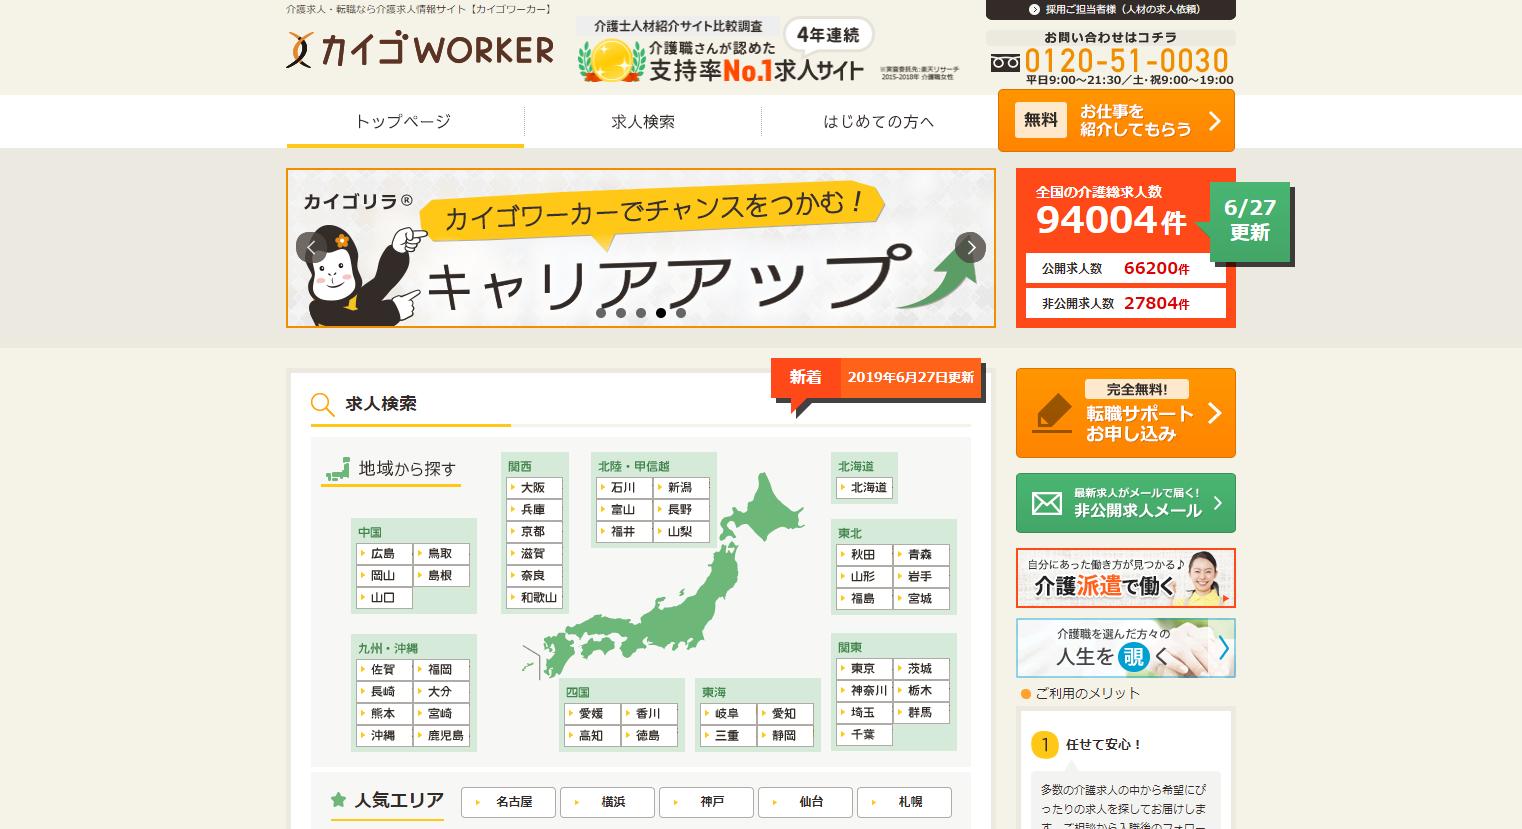 カイゴWORKER公式サイトイメージ図